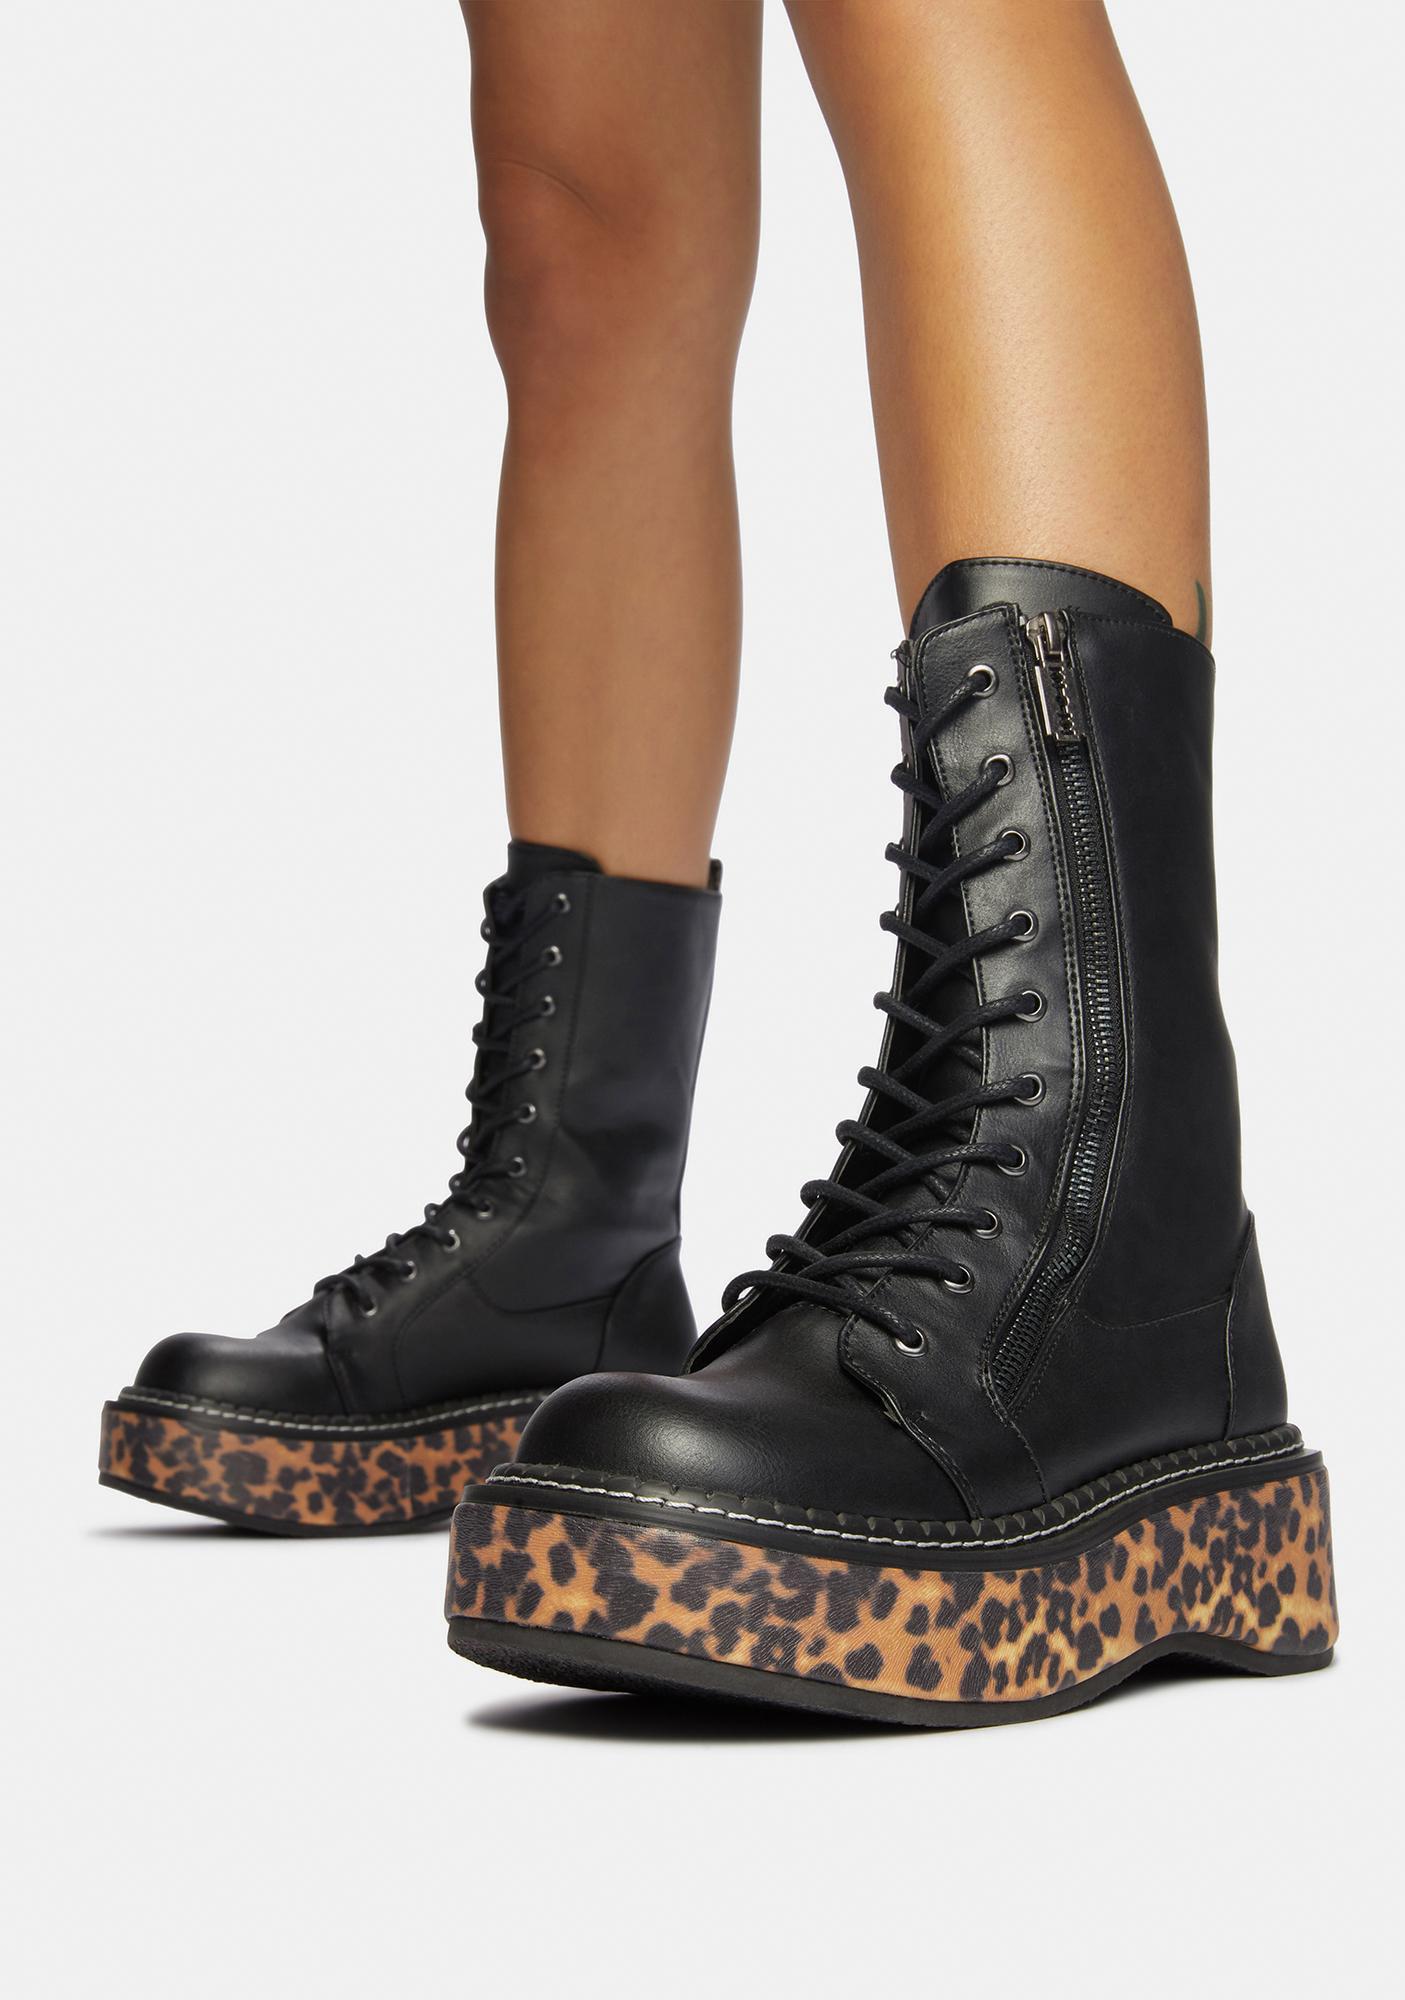 Demonia Fierce I'ma Cool Gal Combat Boots